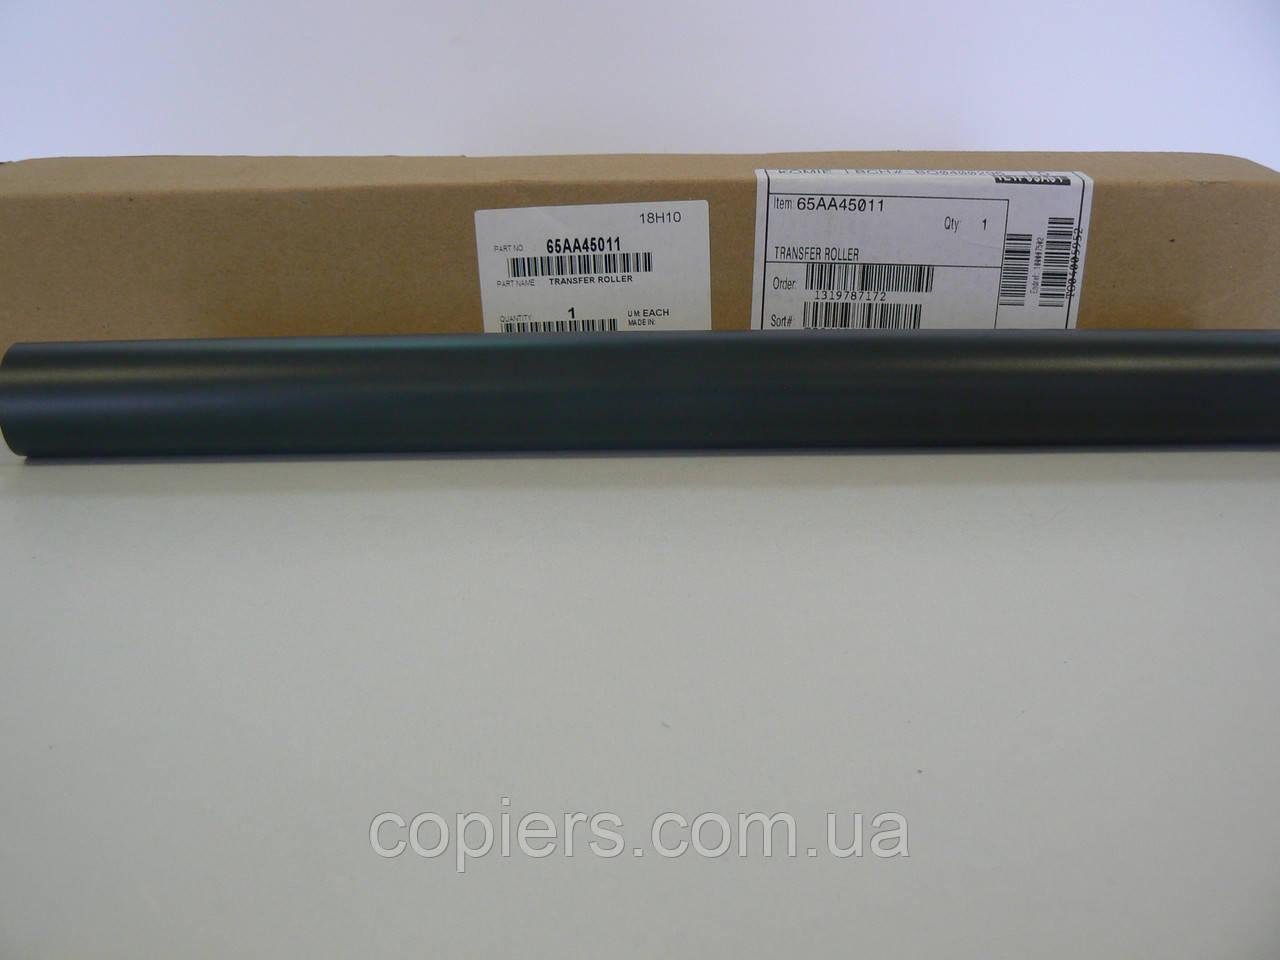 Transfer Roller 65AA45011 Konica Minolta Bizhub C500/C6500/C6501, 65AA45011